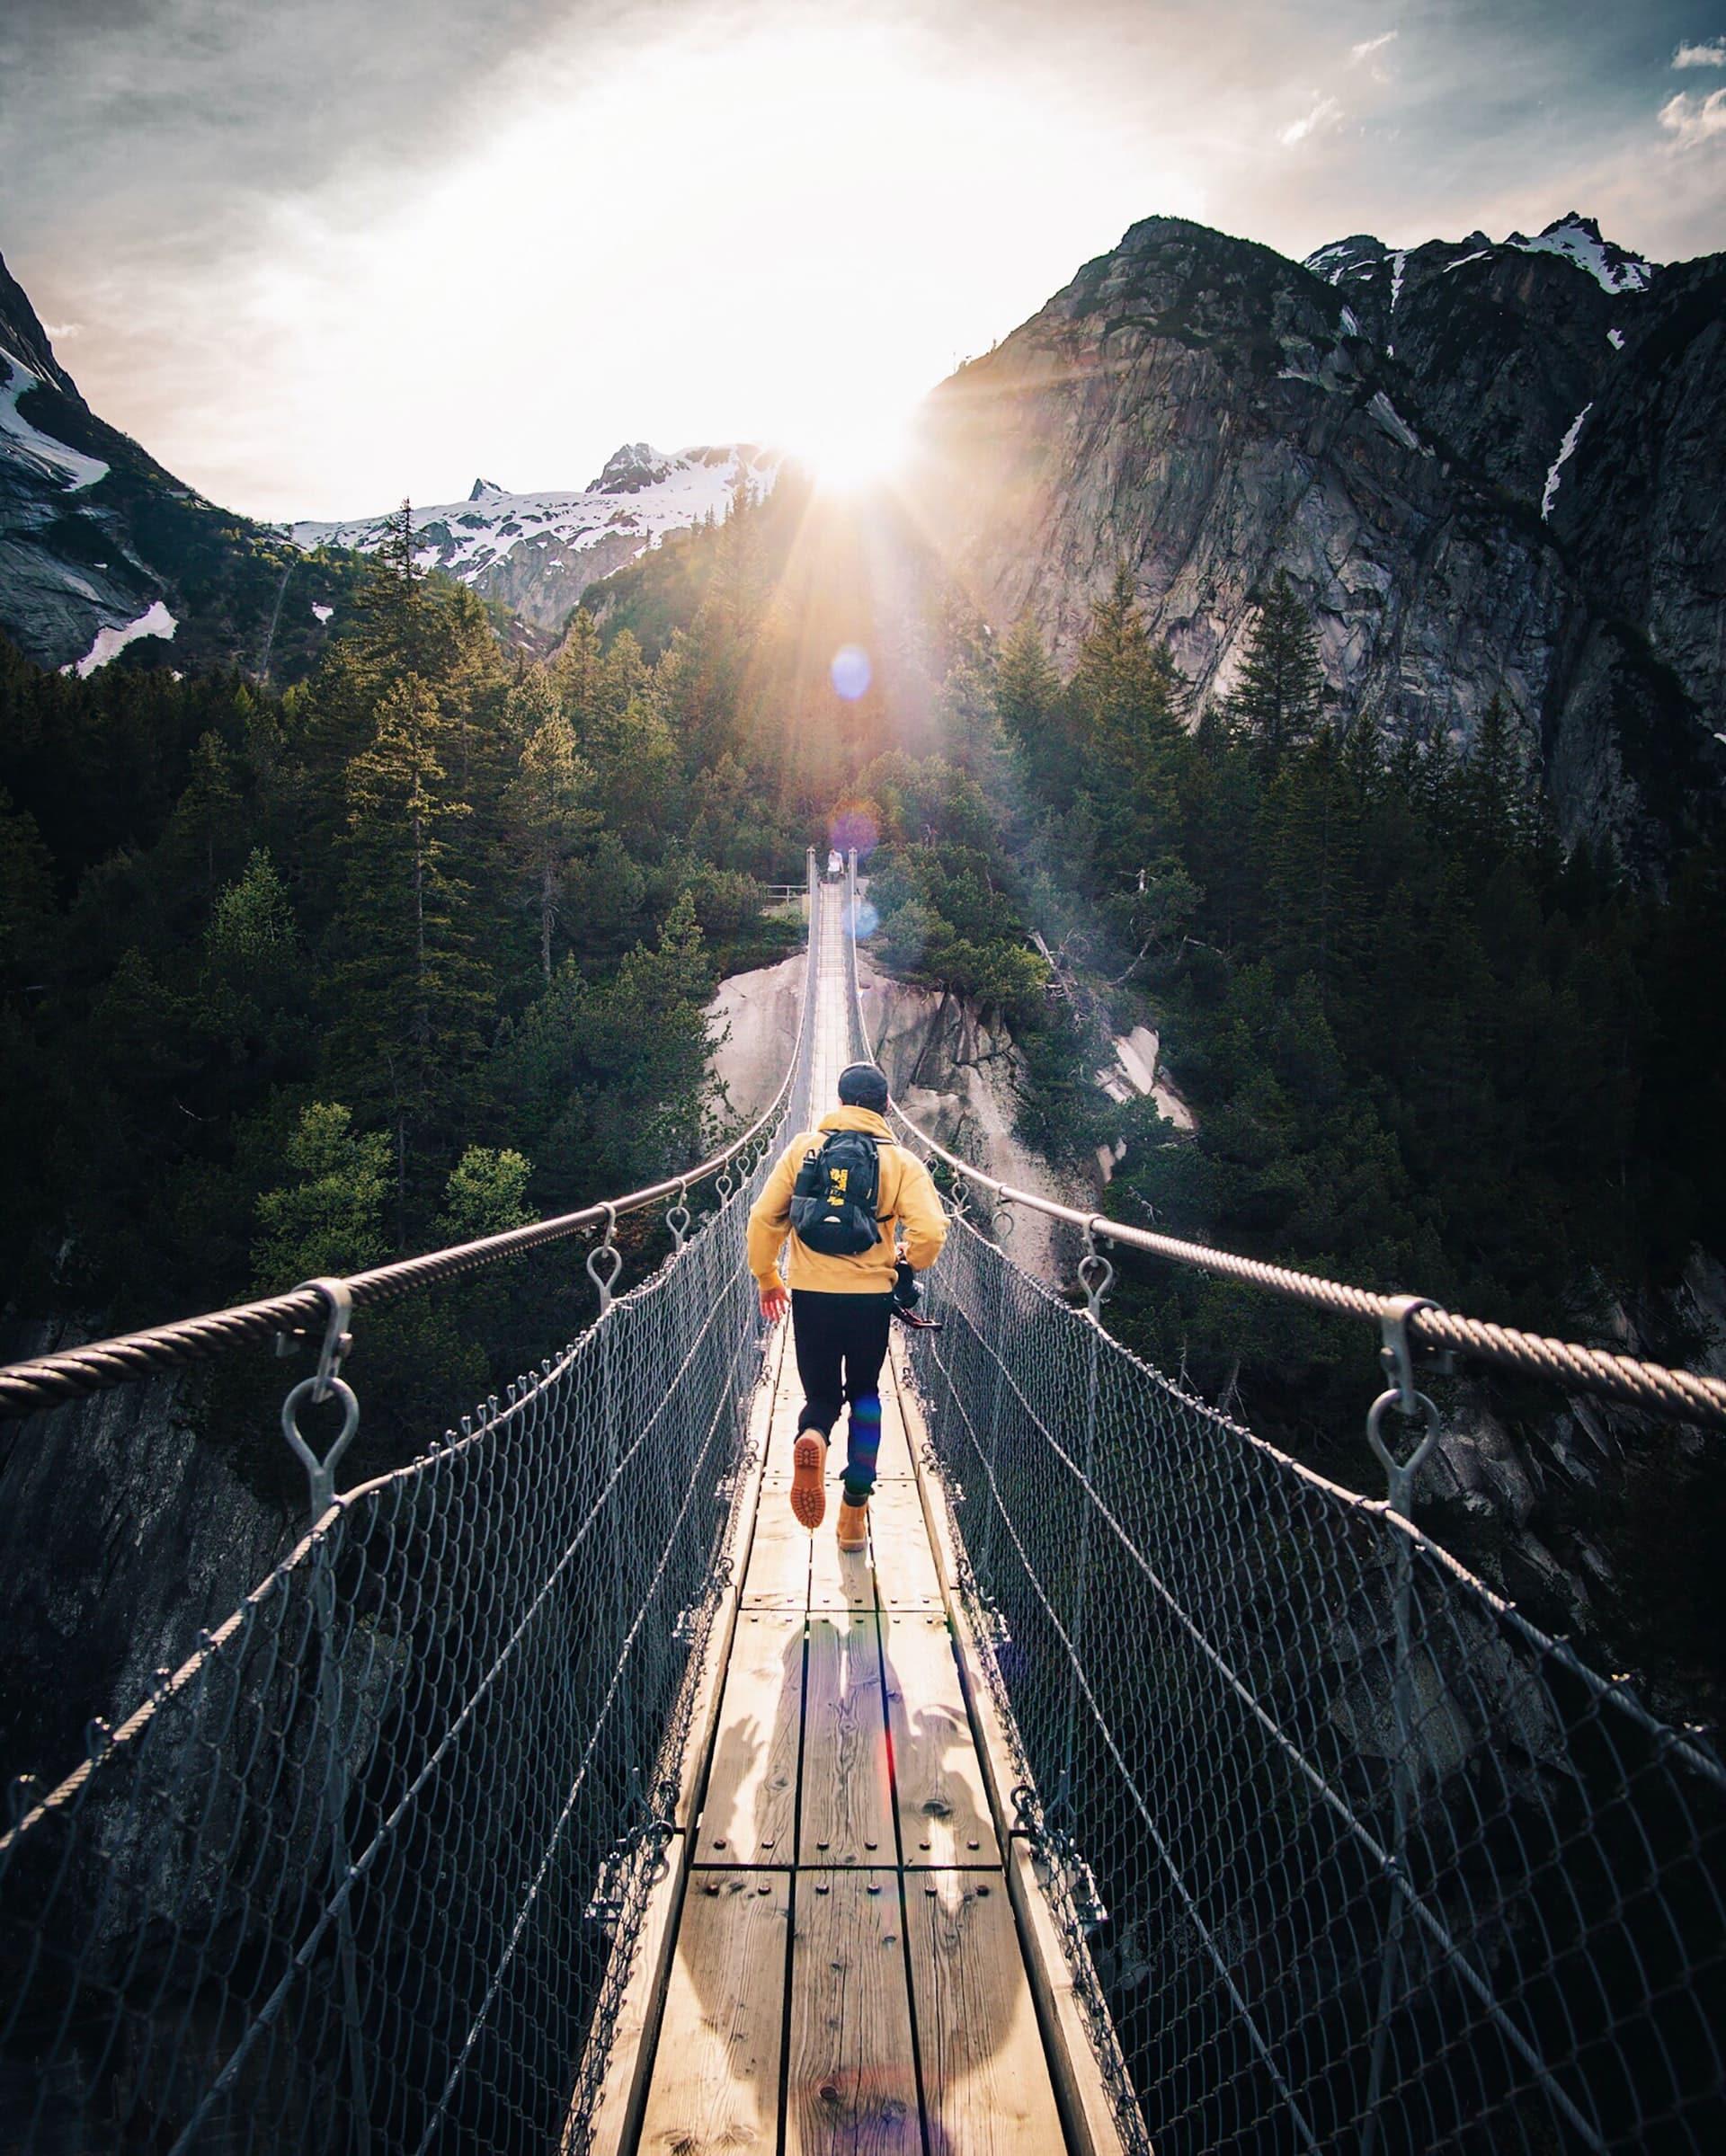 escape runner on bridge